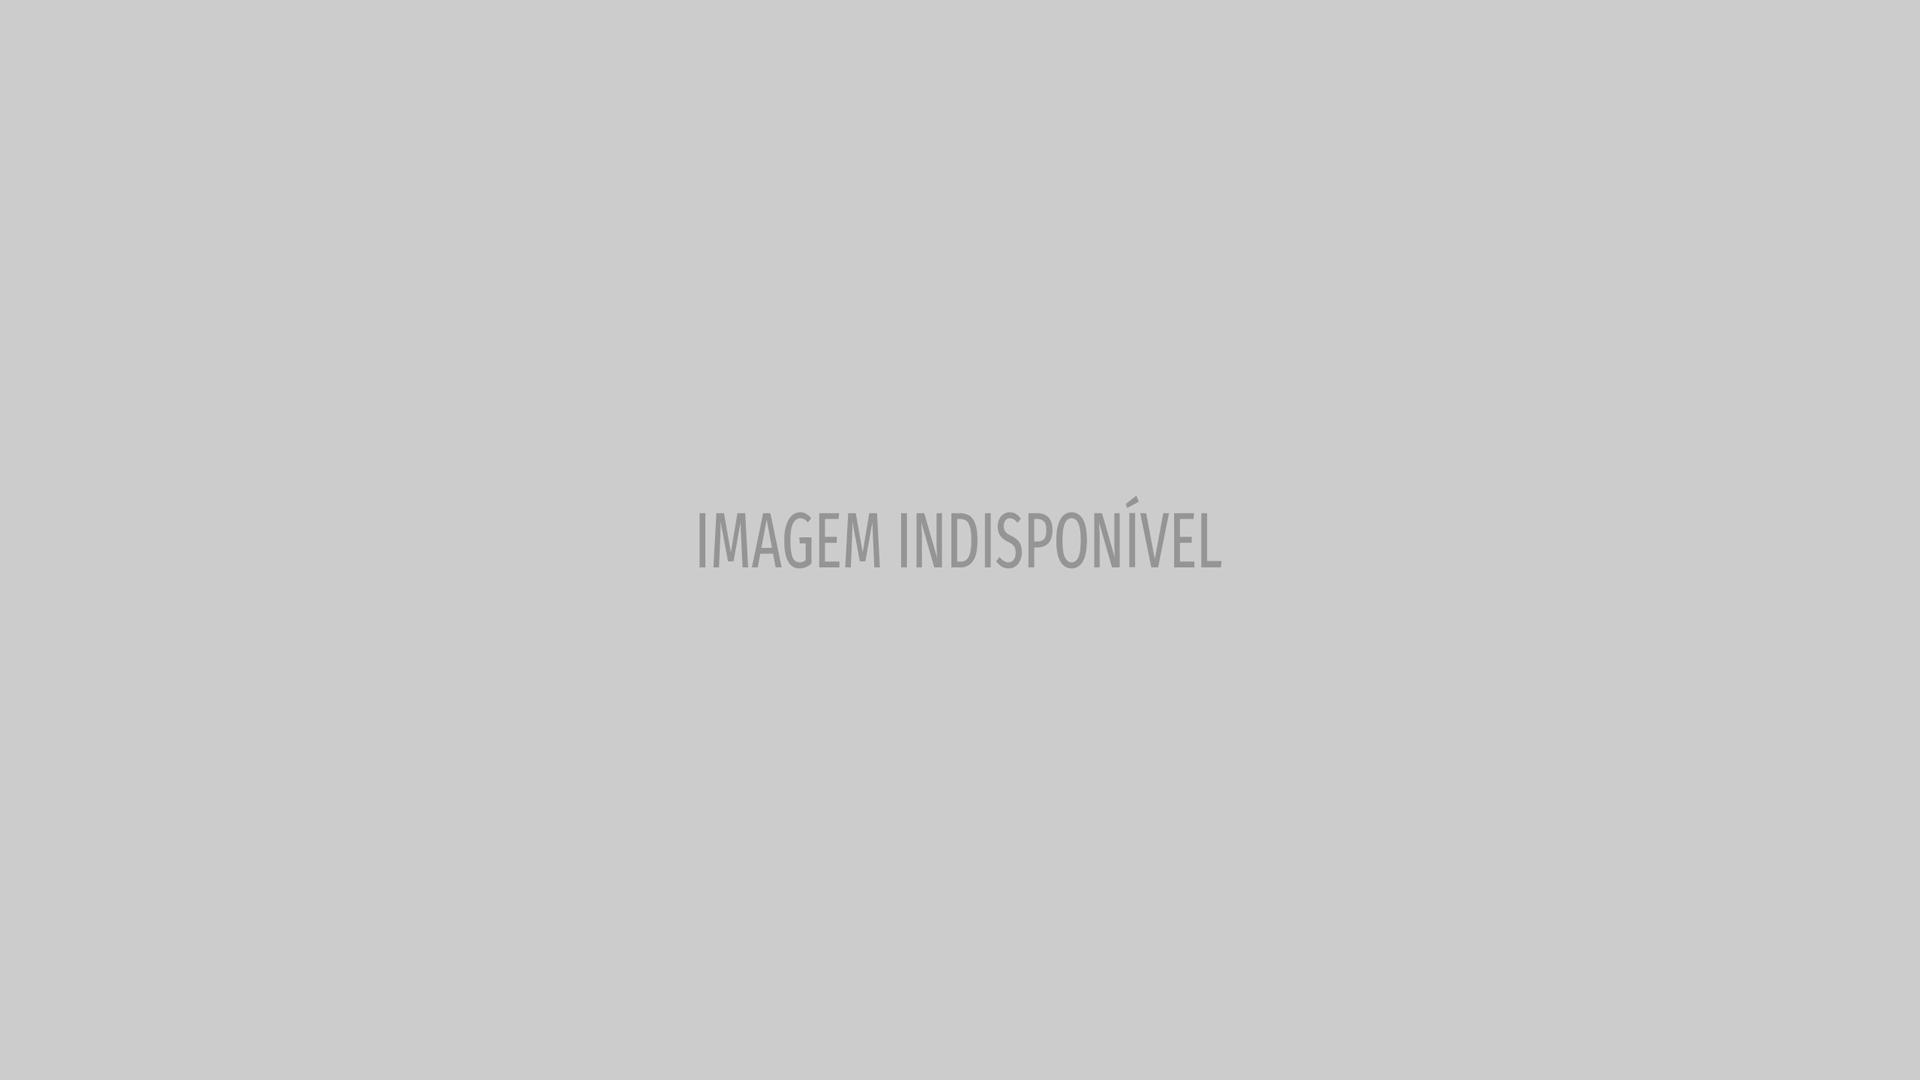 Filho do cantor sertanejo Luciano é acusado de agredir a mãe